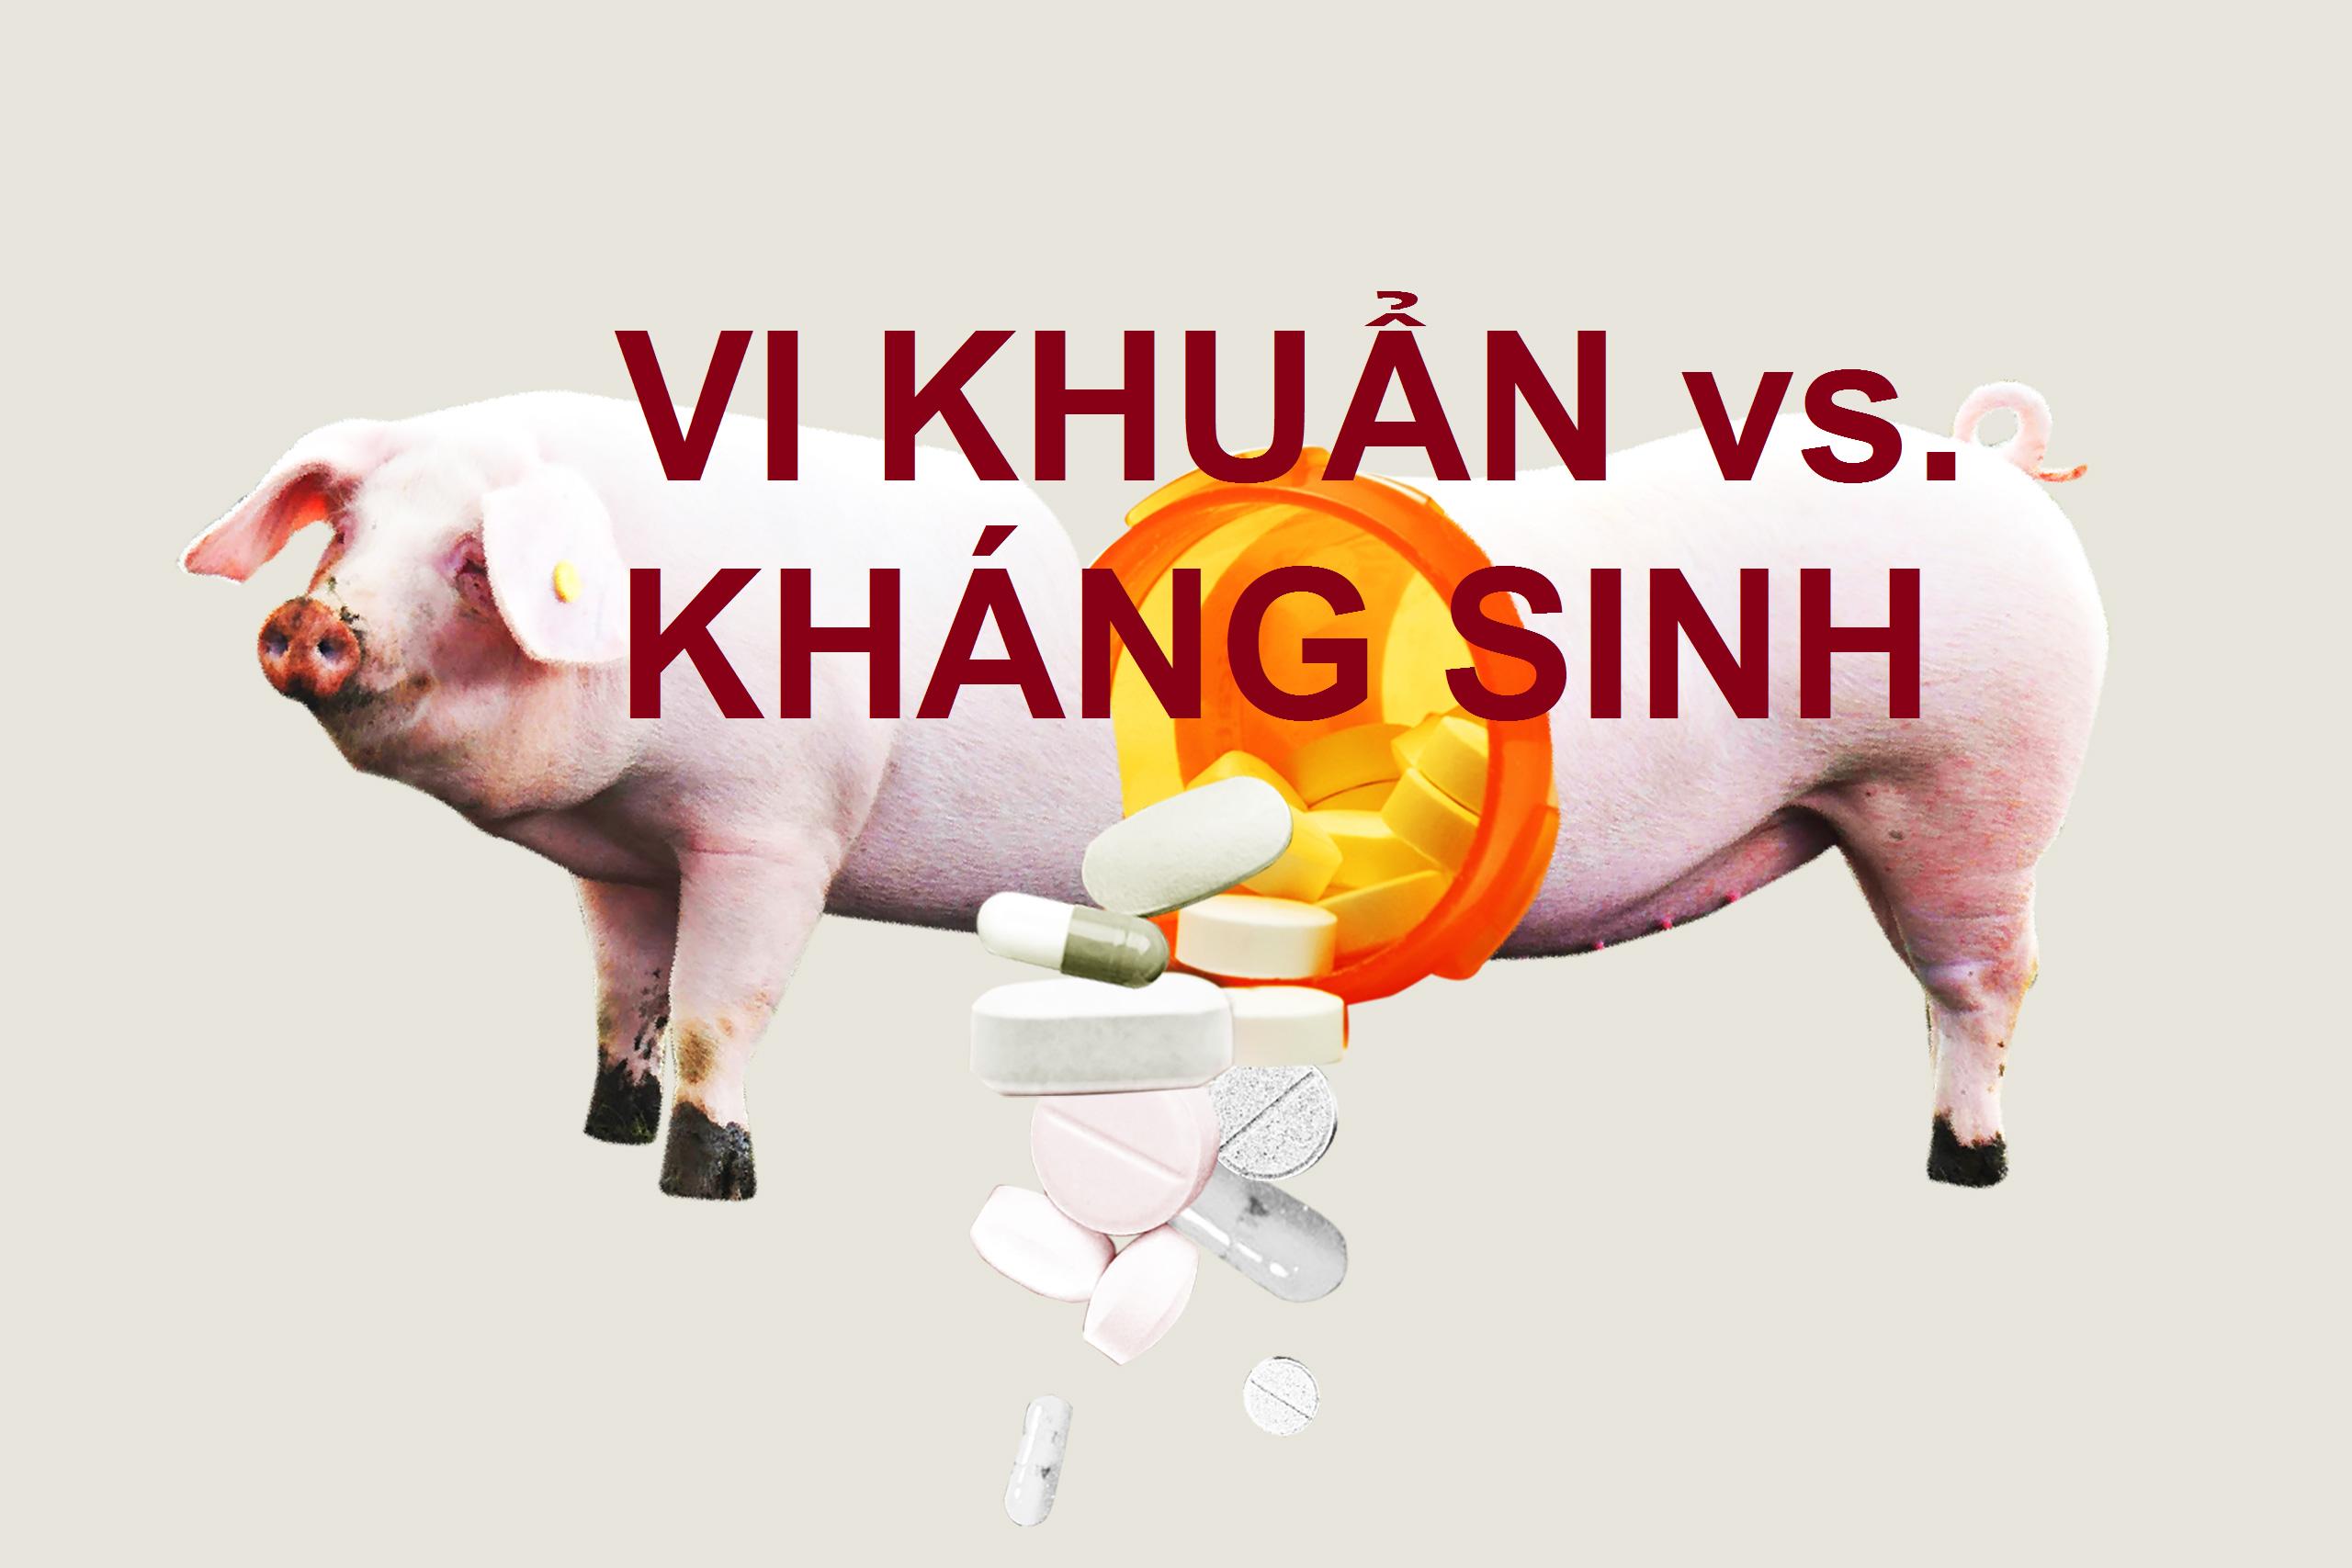 Chăn nuôi đang đối mặt với cơn khủng hoảng kháng sinh